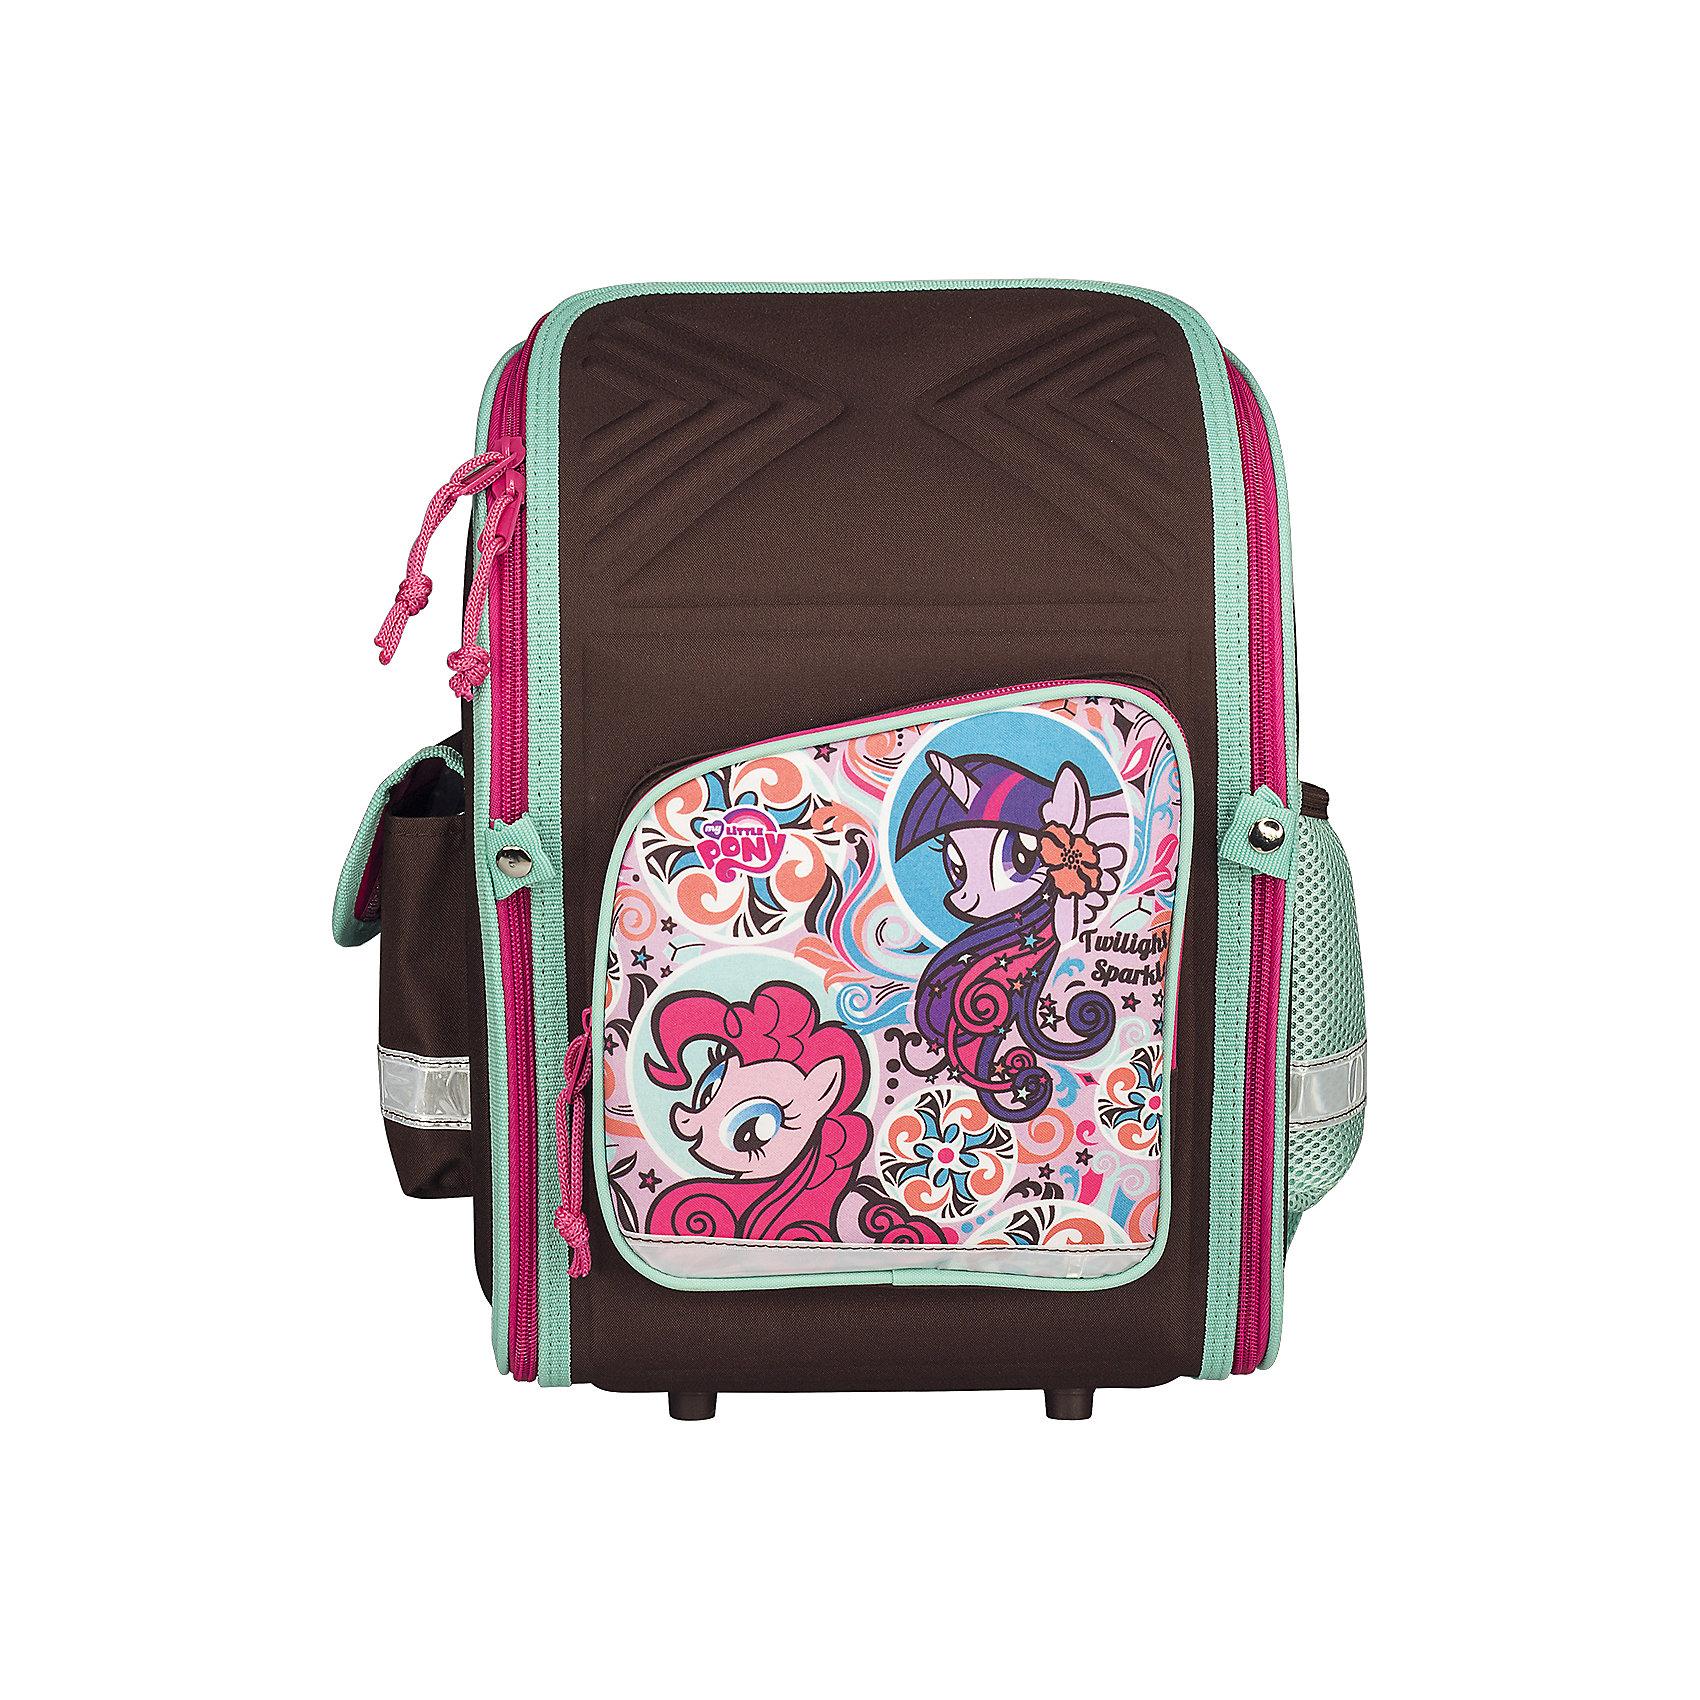 Школьный рюкзак, My Little PonyMy little Pony<br>Рюкзак My Little Pony - прекрасный вариант для школьных занятий. Рюкзак выполнен из износоустойчивых прочных материалов. Маленькой школьнице непременно понравится привлекательный дизайн с коричнево-розовой расцветкой и изображением волшебных лошадок из<br>популярного мультсериала Мой маленький пони. Корпус рюкзака, эргономичная спинка, дно и крышка изготовлены из современного материала EVA. Широкие анатомические лямки, регулируемые по длине, равномерно распределяют нагрузку на плечевой пояс. Также есть удобная<br>прорезиненная ручка для переноски в руках. <br><br>Рюкзак закрывается на застежку-молнию, внутри одно просторное вместительное отделение с двумя разделителями и утягивающей резинкой. На лицевой стороне рюкзака расположен большой накладной карман, закрывающийся на молнию, также имеются карманы по бокам рюкзака<br>(сетчатый и на липучке). Светоотражающие вставки повышают безопасность ребенка на дороге.<br><br><br>Дополнительная информация:<br><br>- Материал: полиэстер.  <br>- Размер: 34,5 х 26 х 13 см.<br>- Вес: 0,83 кг.<br><br>Рюкзак, My Little Pony, можно купить в нашем интернет-магазине.<br><br>Ширина мм: 260<br>Глубина мм: 130<br>Высота мм: 345<br>Вес г: 830<br>Возраст от месяцев: 60<br>Возраст до месяцев: 84<br>Пол: Женский<br>Возраст: Детский<br>SKU: 4681145